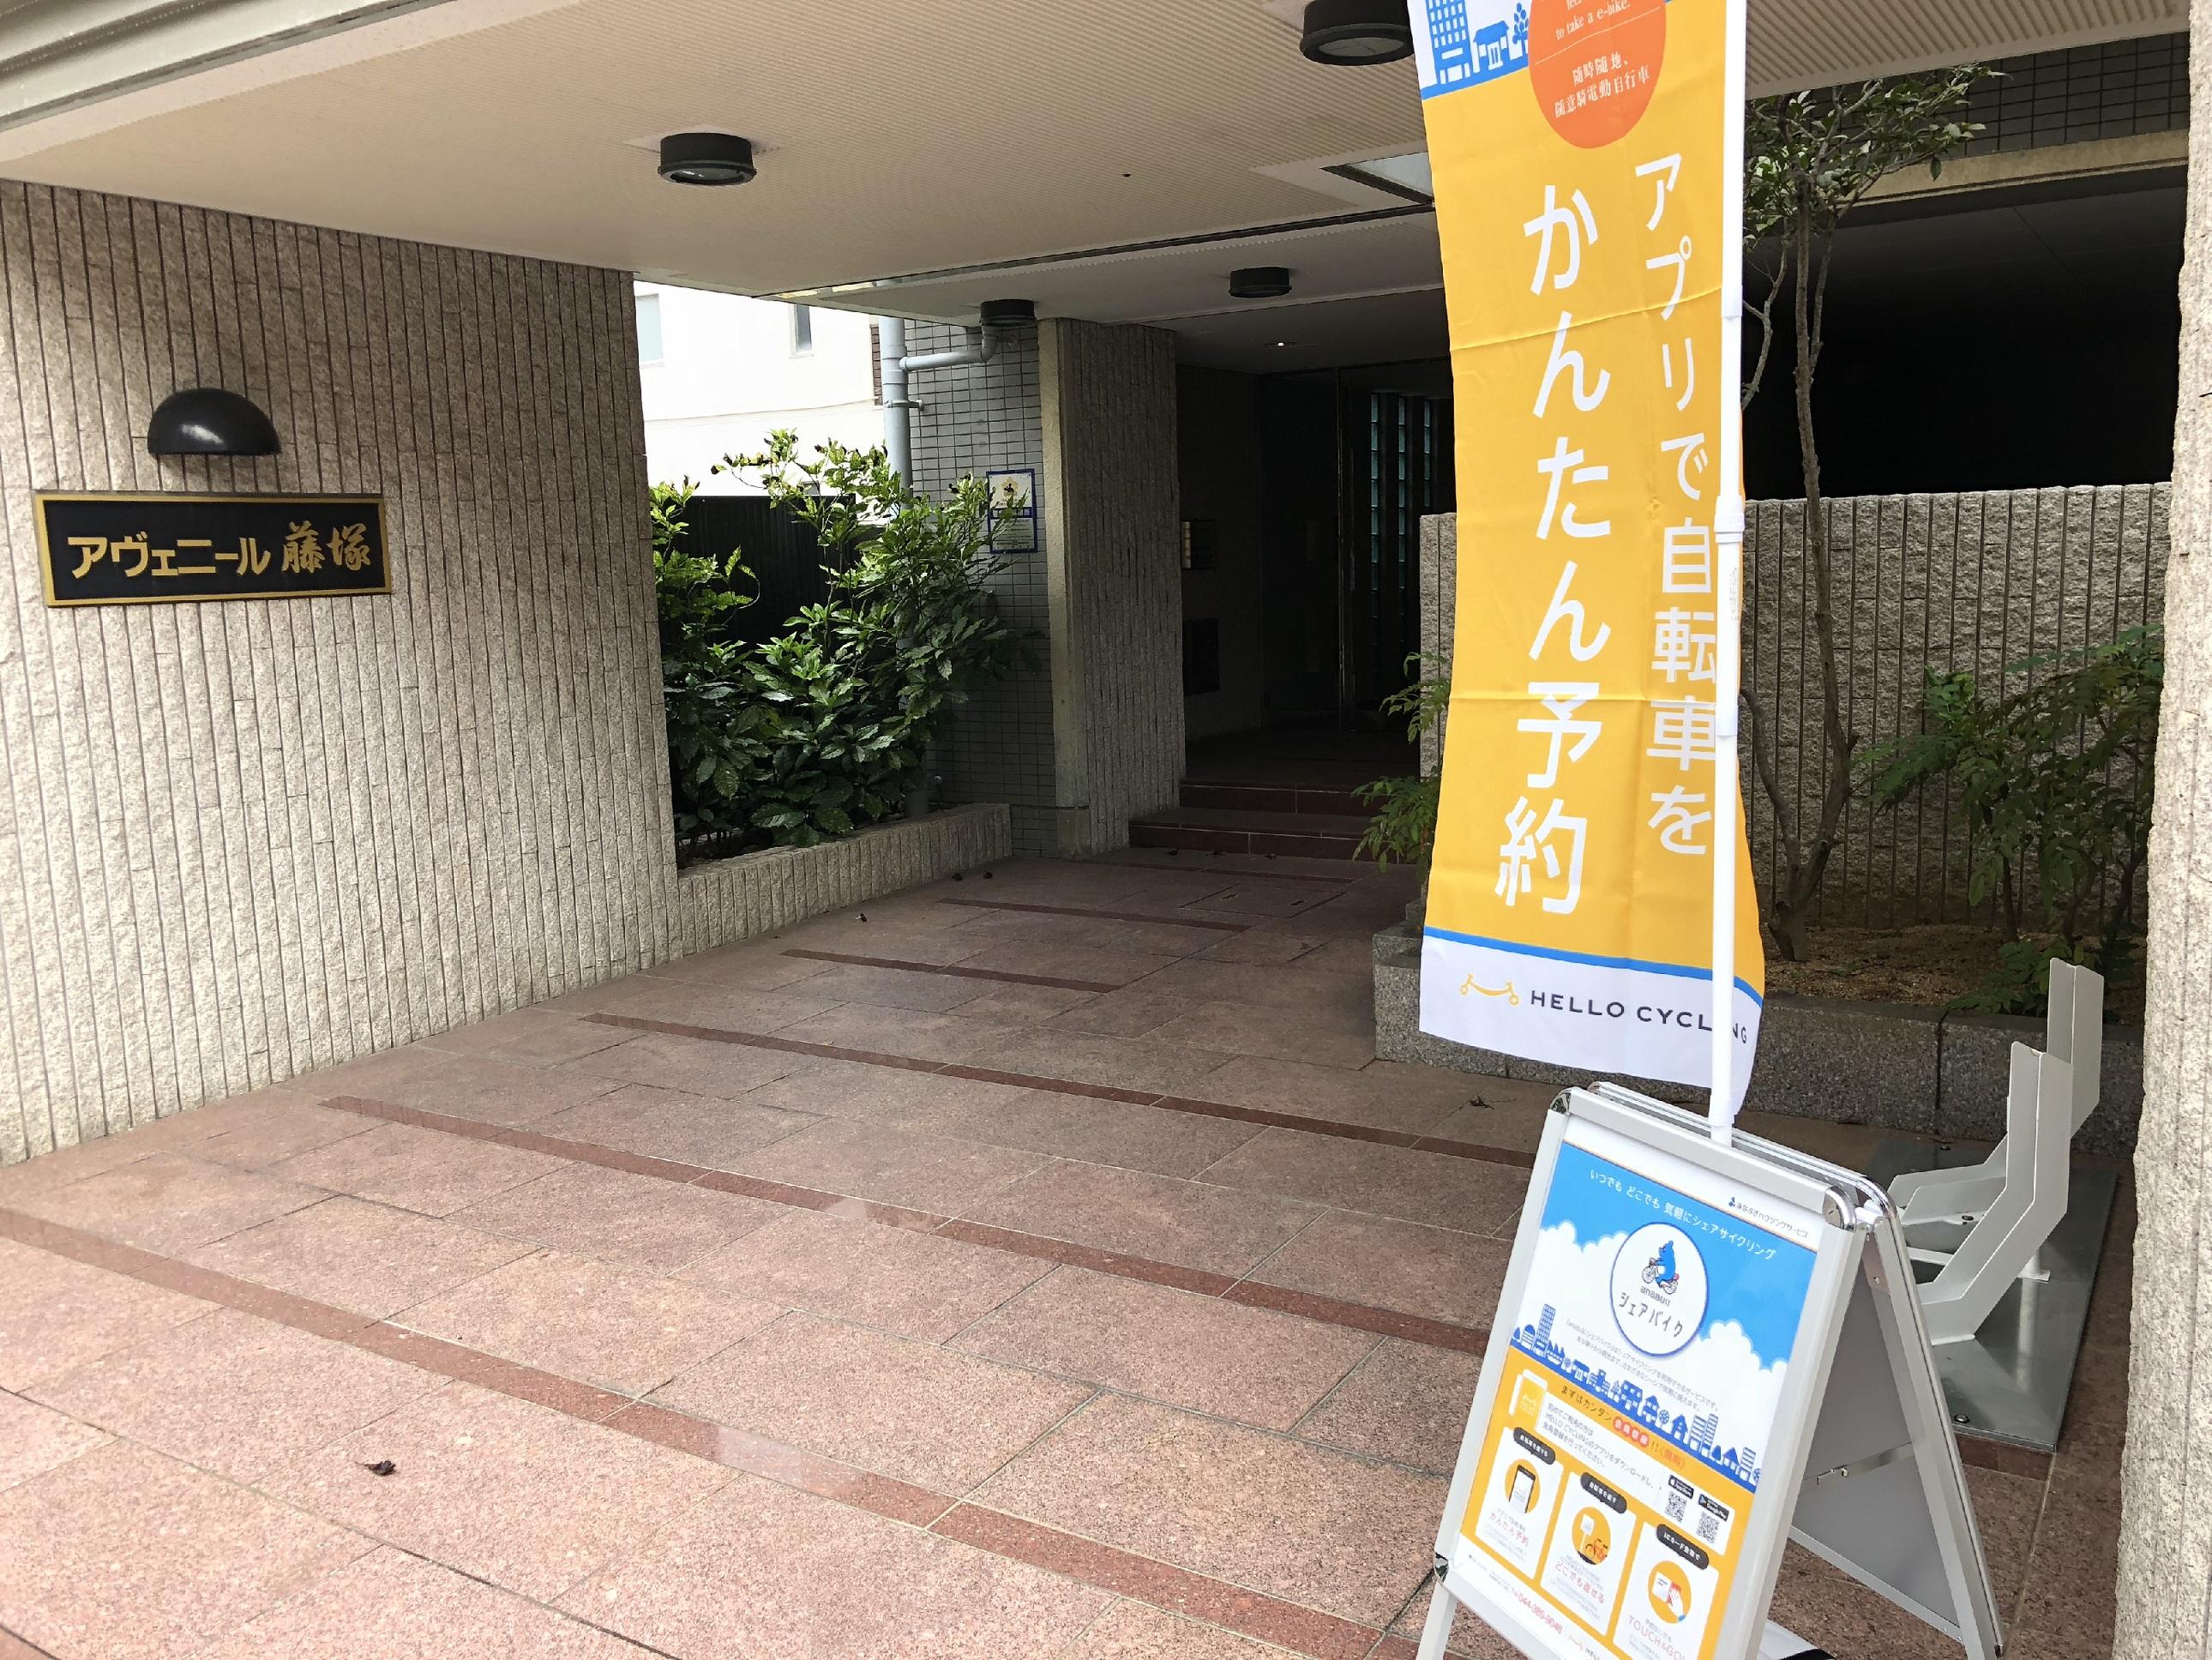 アヴェニール藤塚 (HELLO CYCLING ポート) image